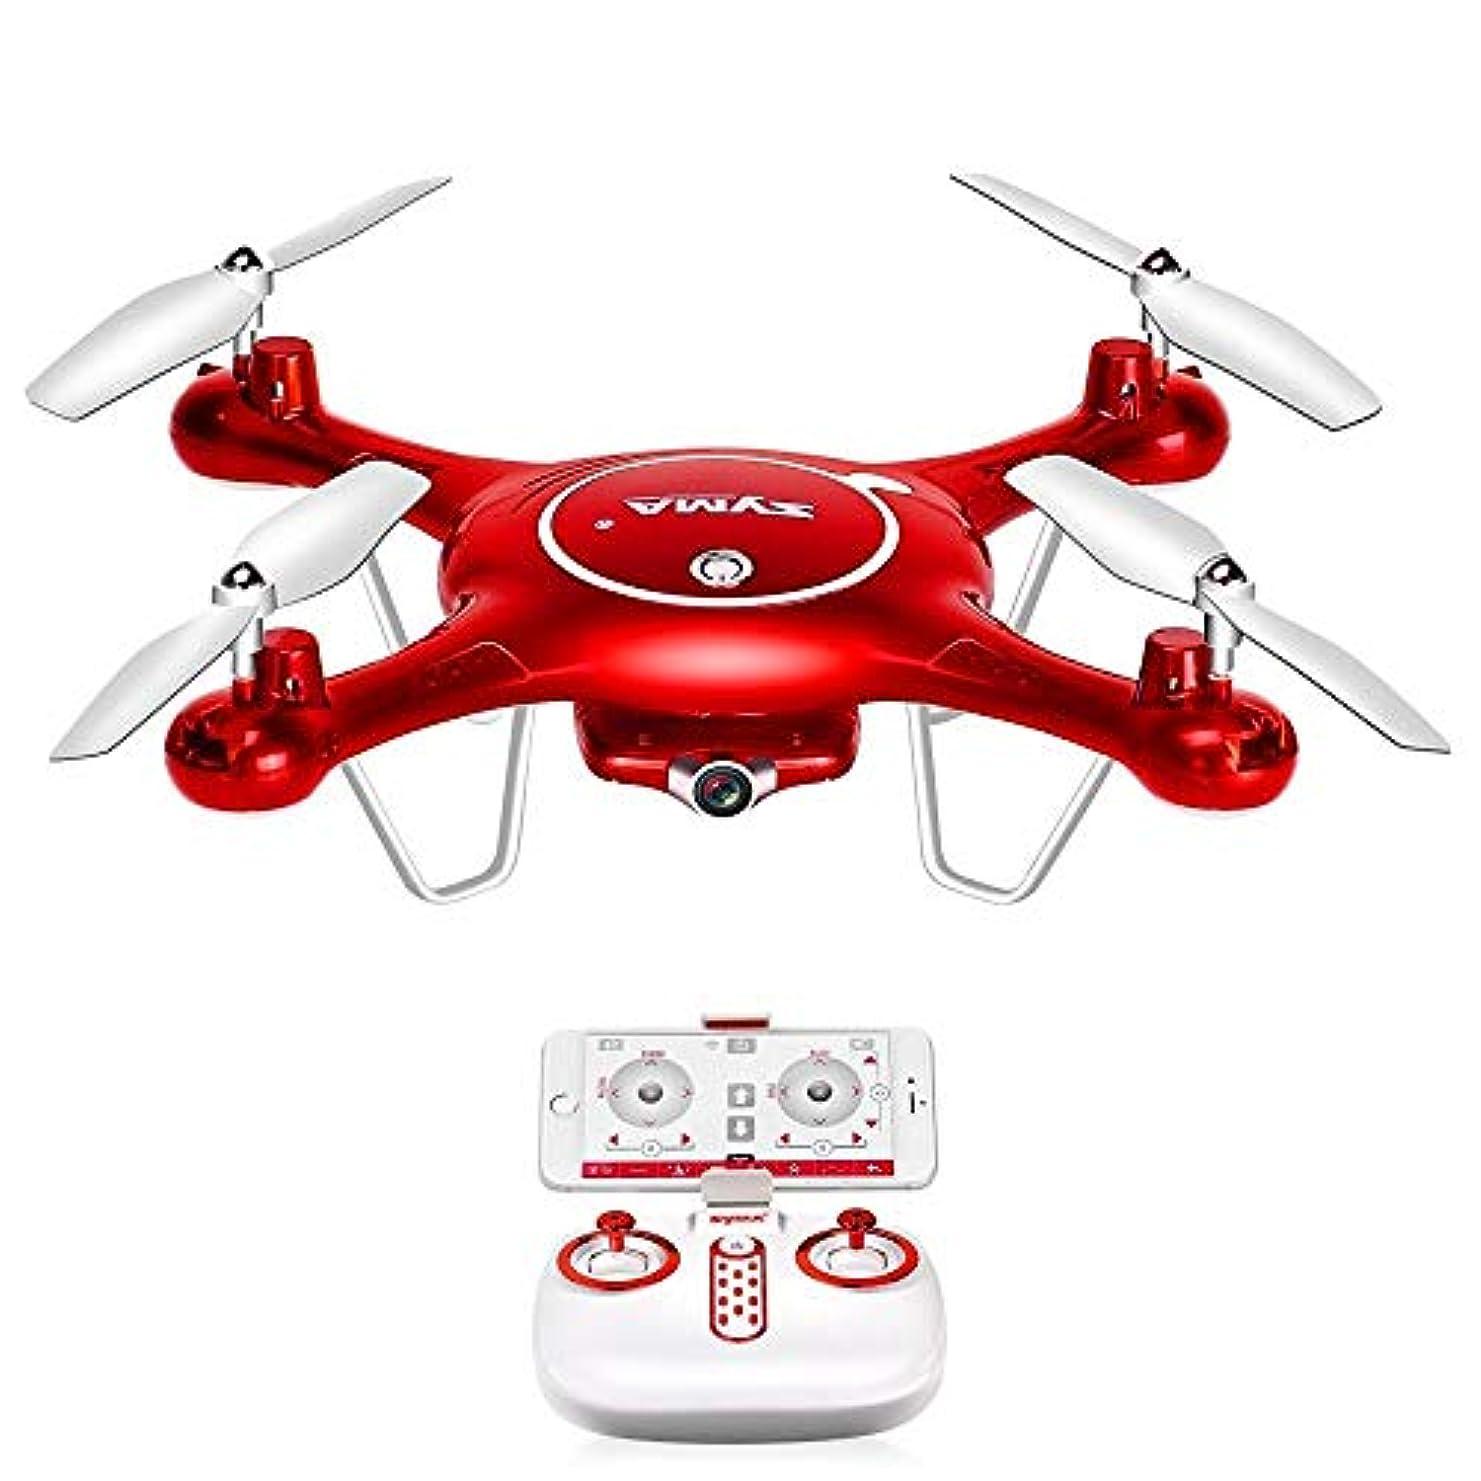 洞察力のある気付く味方X5UW WiFiカメラ付きHD 720Pリアルタイム伝送FPVクワッドコプター2.4G 4CH RCヘリコプタードロンクワドロコプタードローンインRCヘリコプター、赤